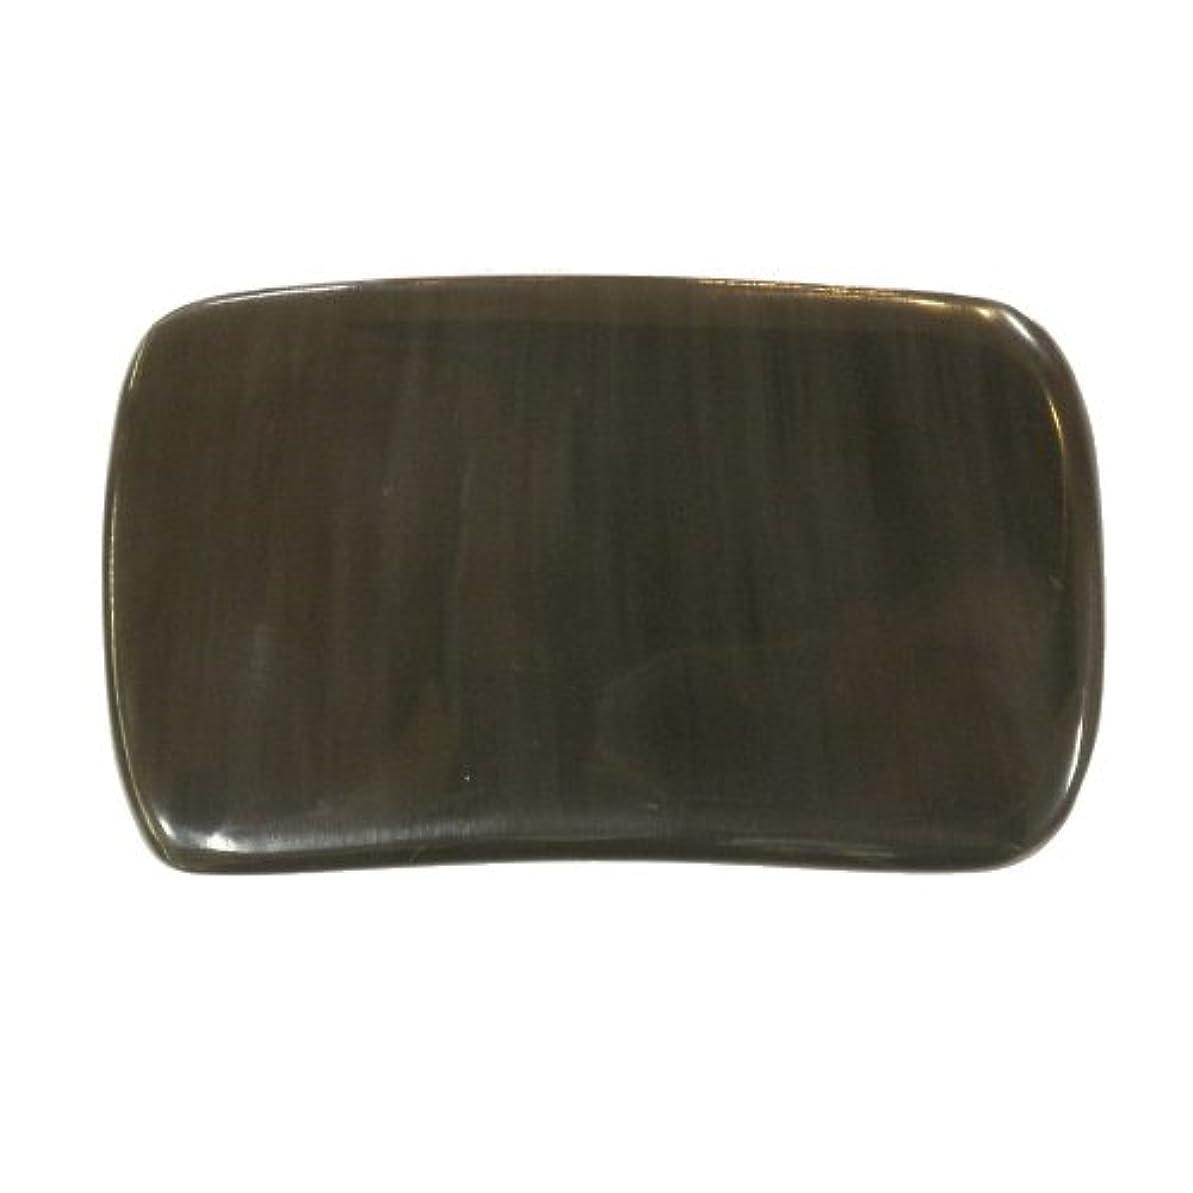 レンジアソシエイト提供かっさ プレート 厚さが選べる ヤクの角(水牛の角) EHE268SP 長方形大 特級品 厚め(7ミリ程度) 穴あり